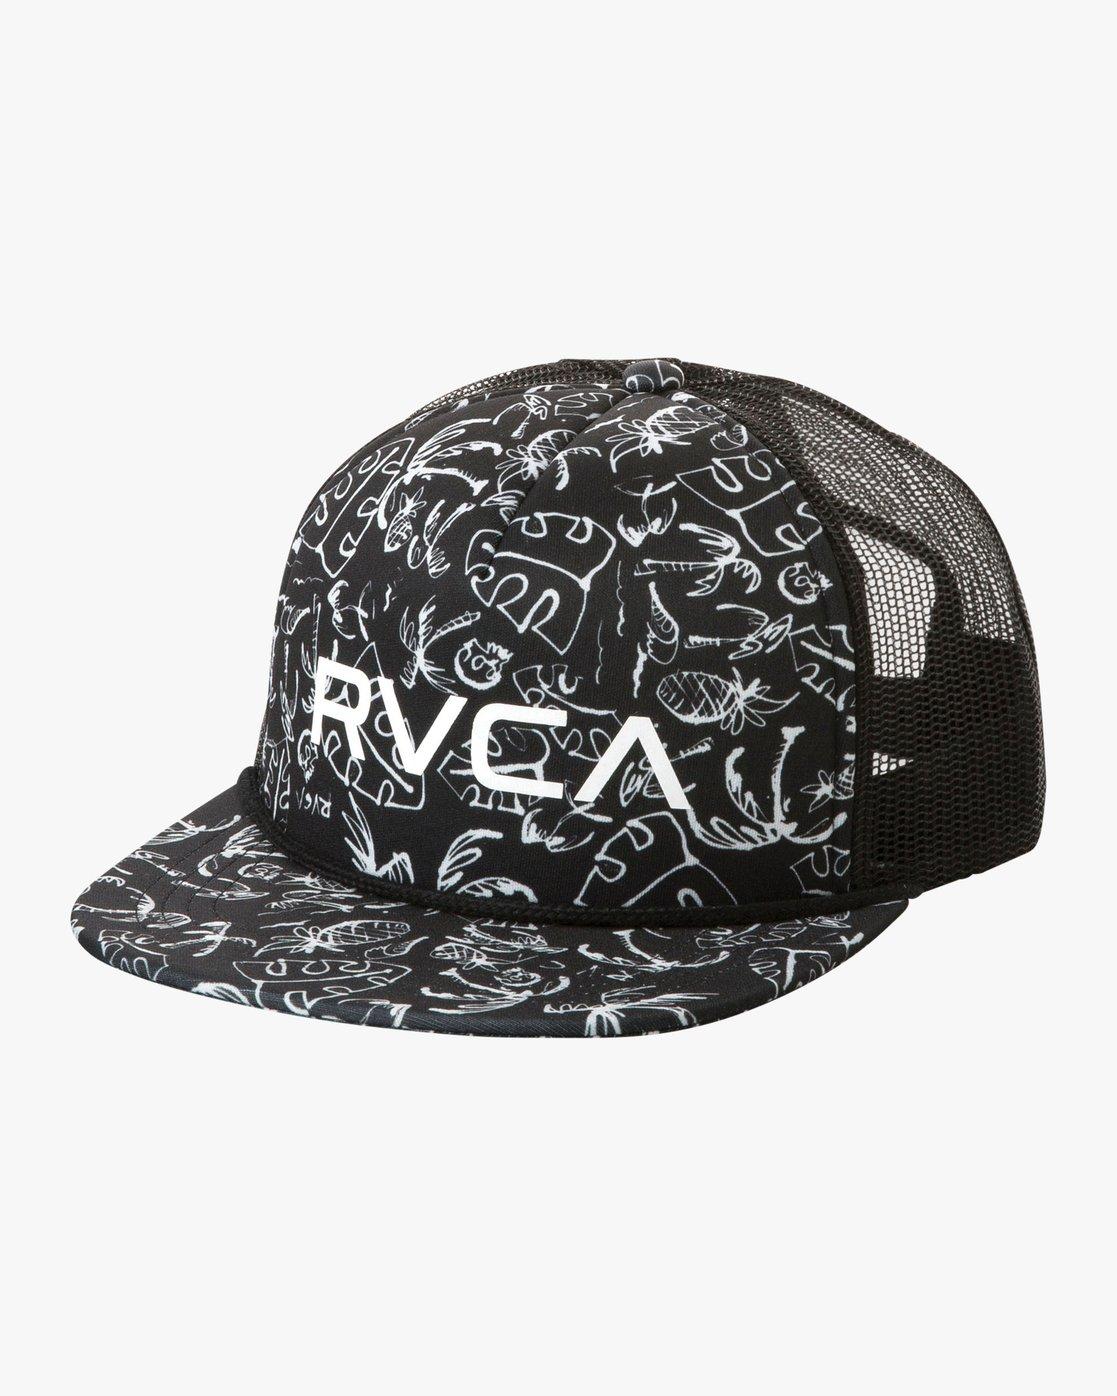 89e94f785b0a4 0 RVCA Foamy Trucker Hat Black MGAHWRFT RVCA